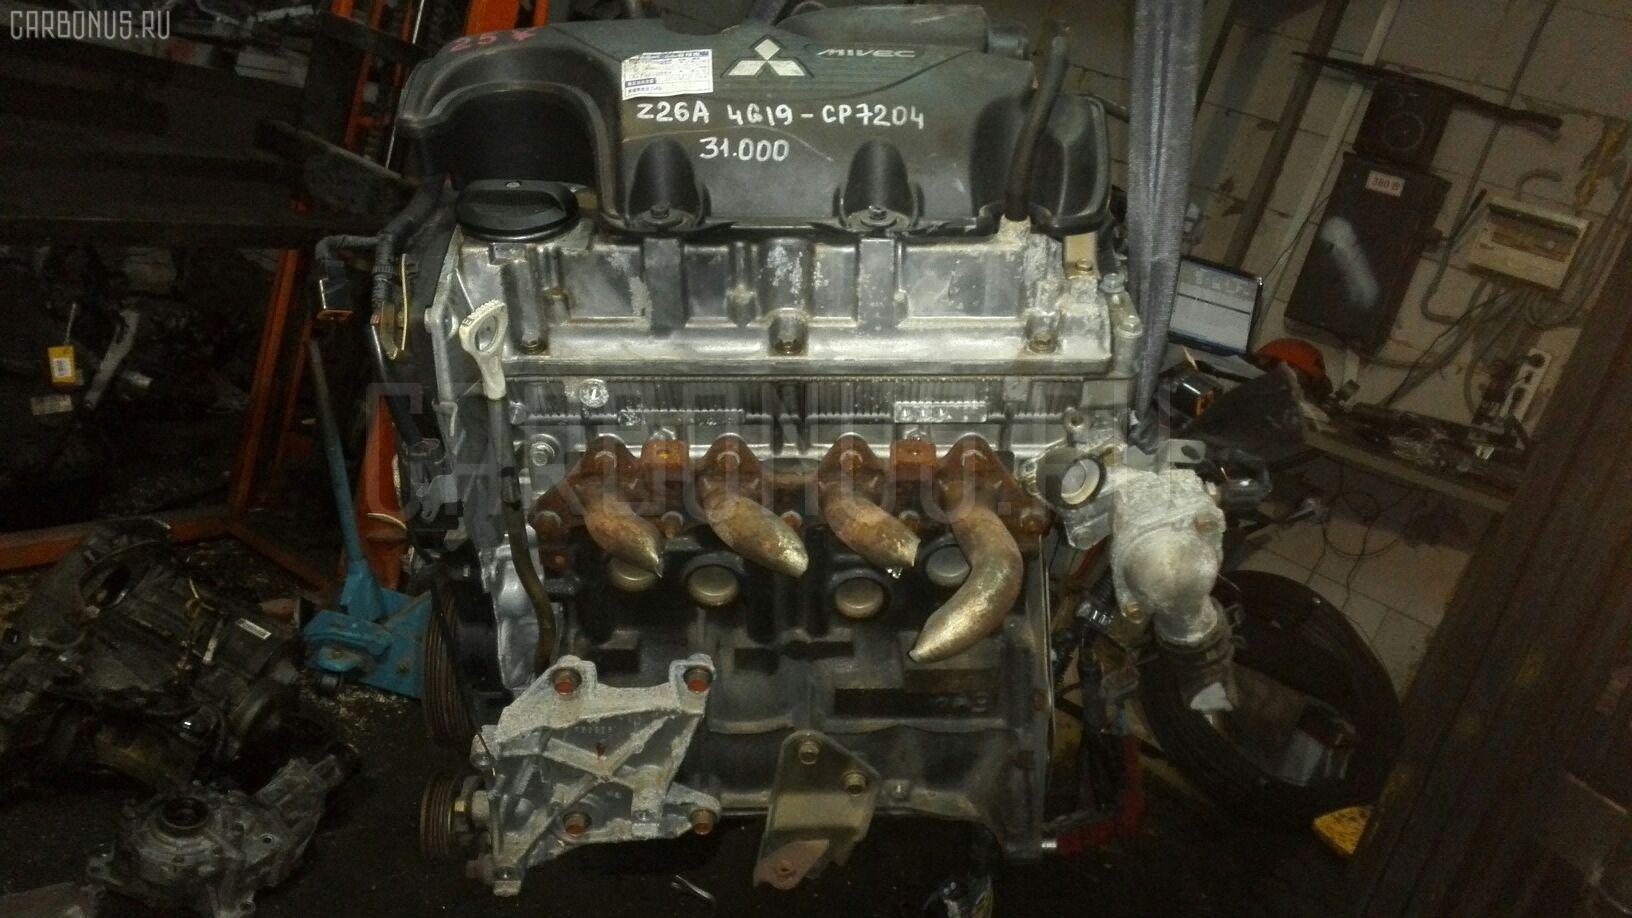 Двигатель MITSUBISHI COLT Z26A 4G19 Фото 2